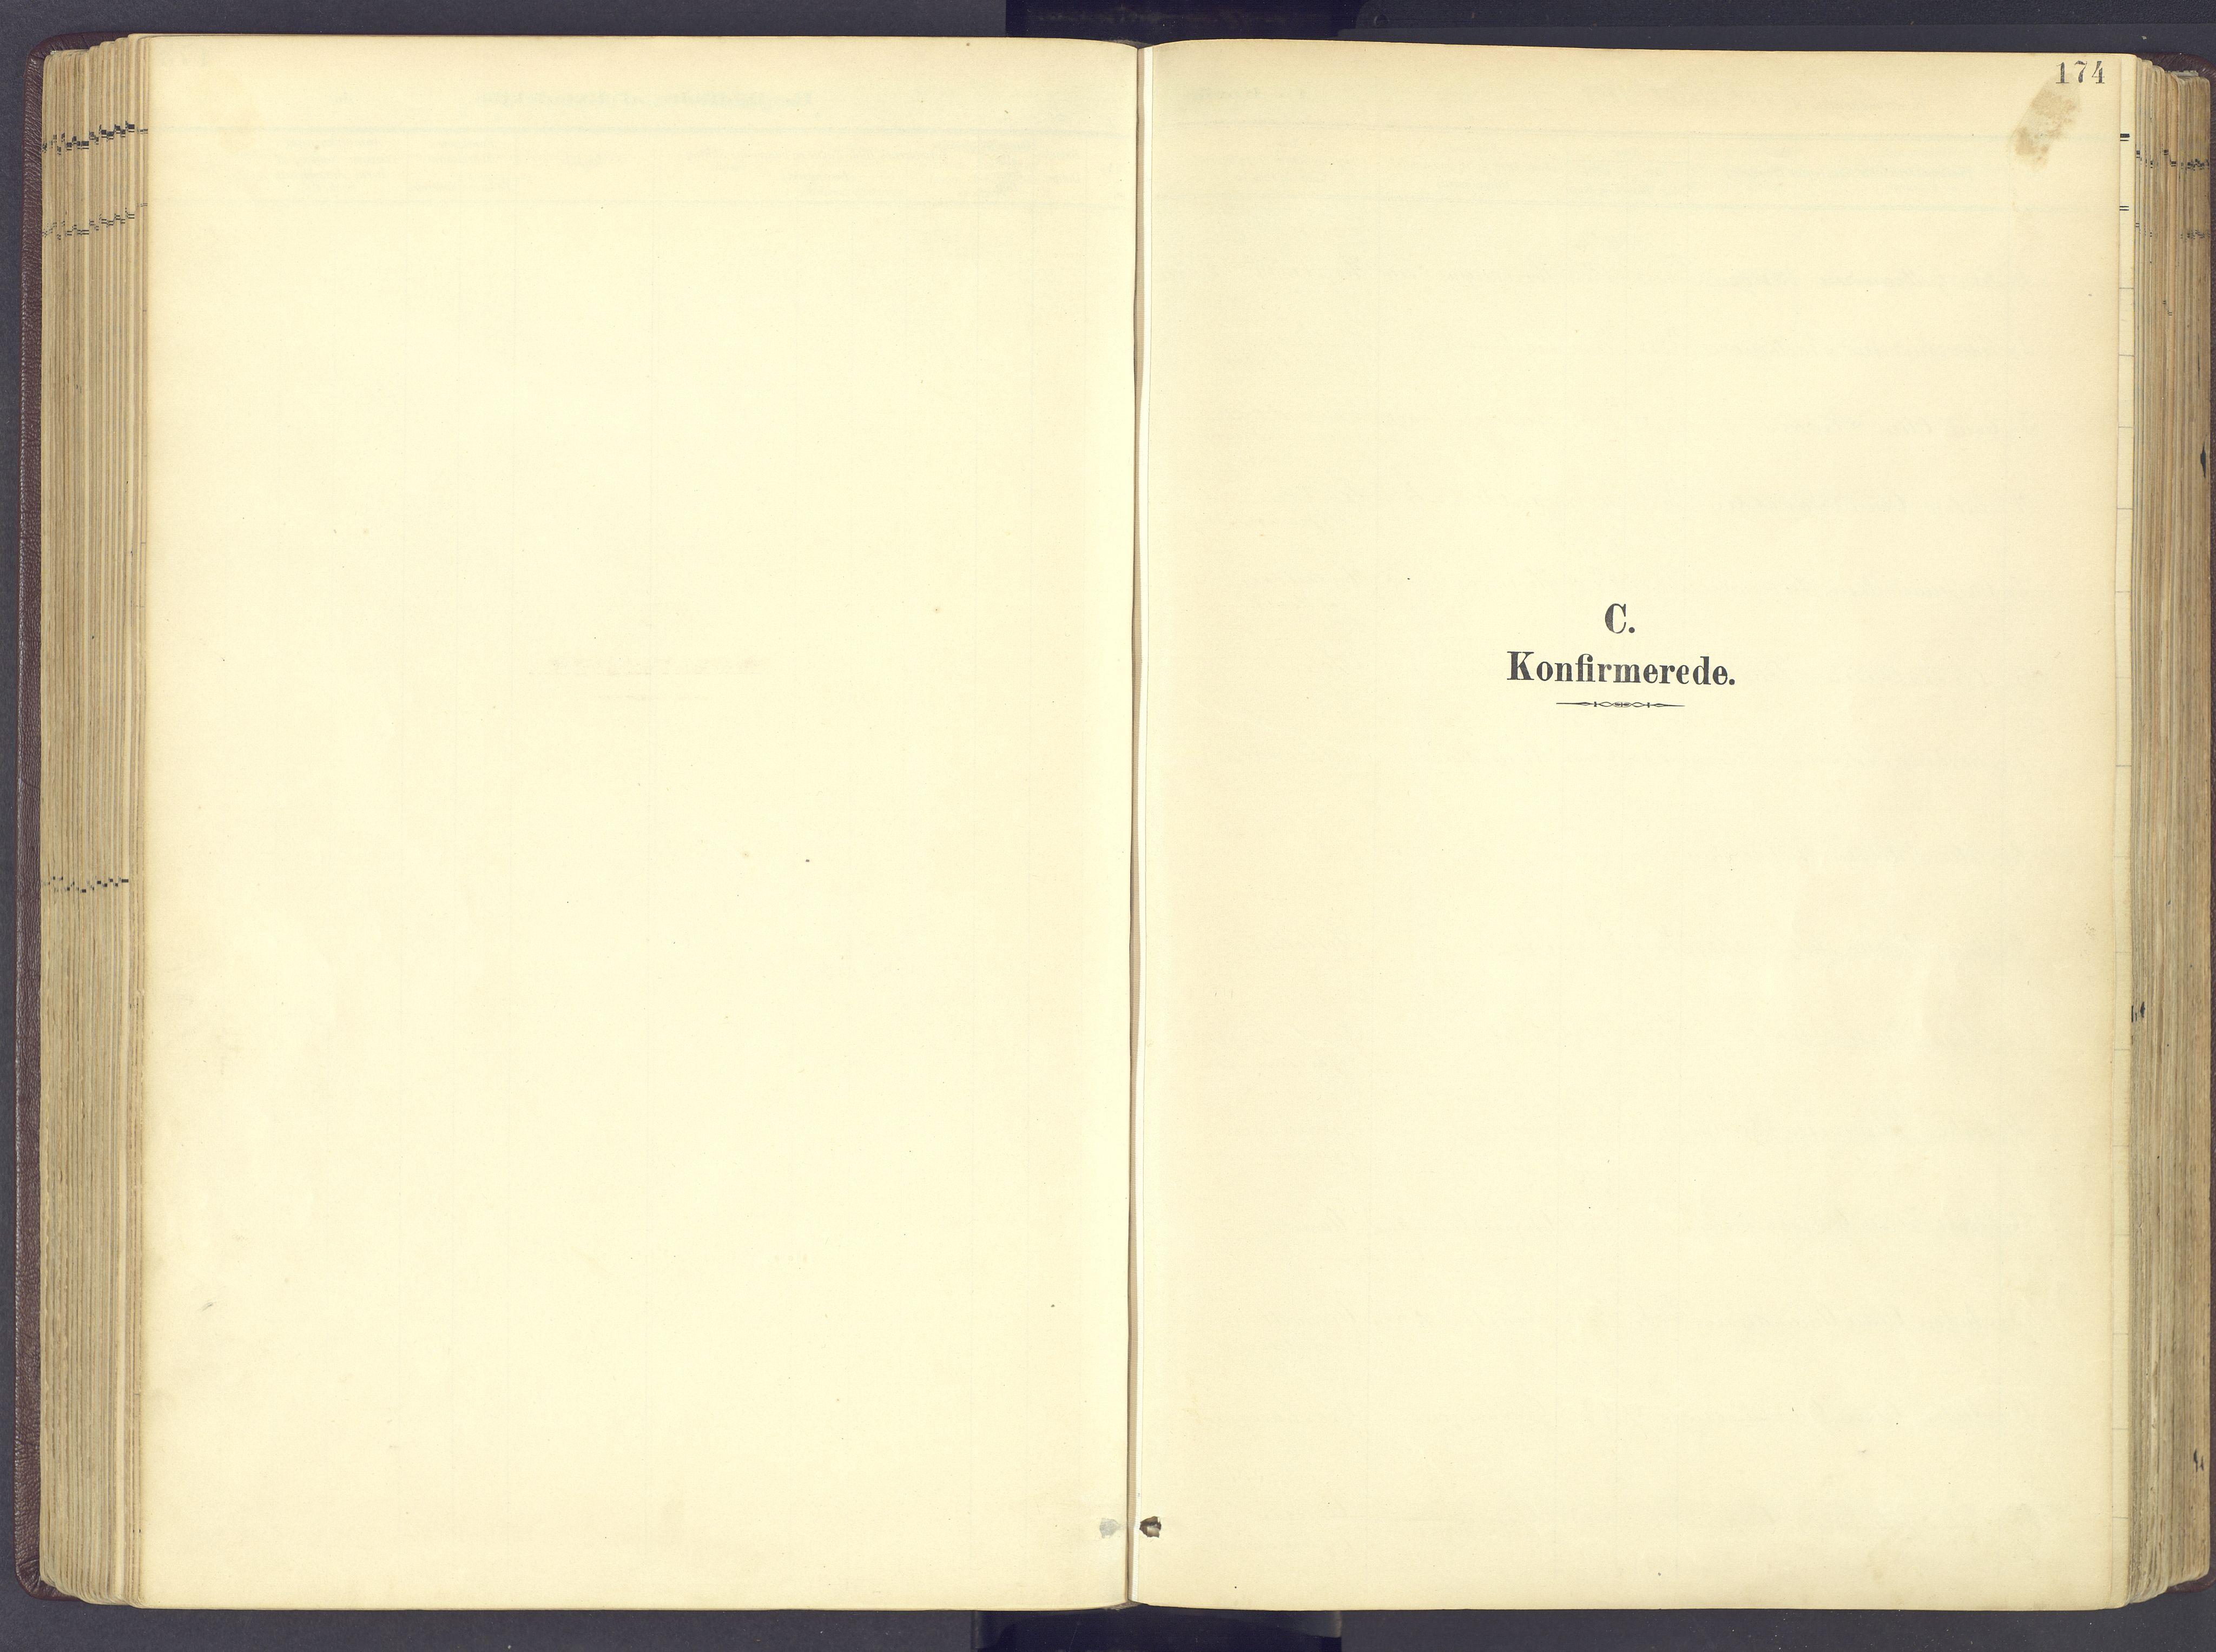 SAH, Sør-Fron prestekontor, H/Ha/Haa/L0004: Ministerialbok nr. 4, 1898-1919, s. 174